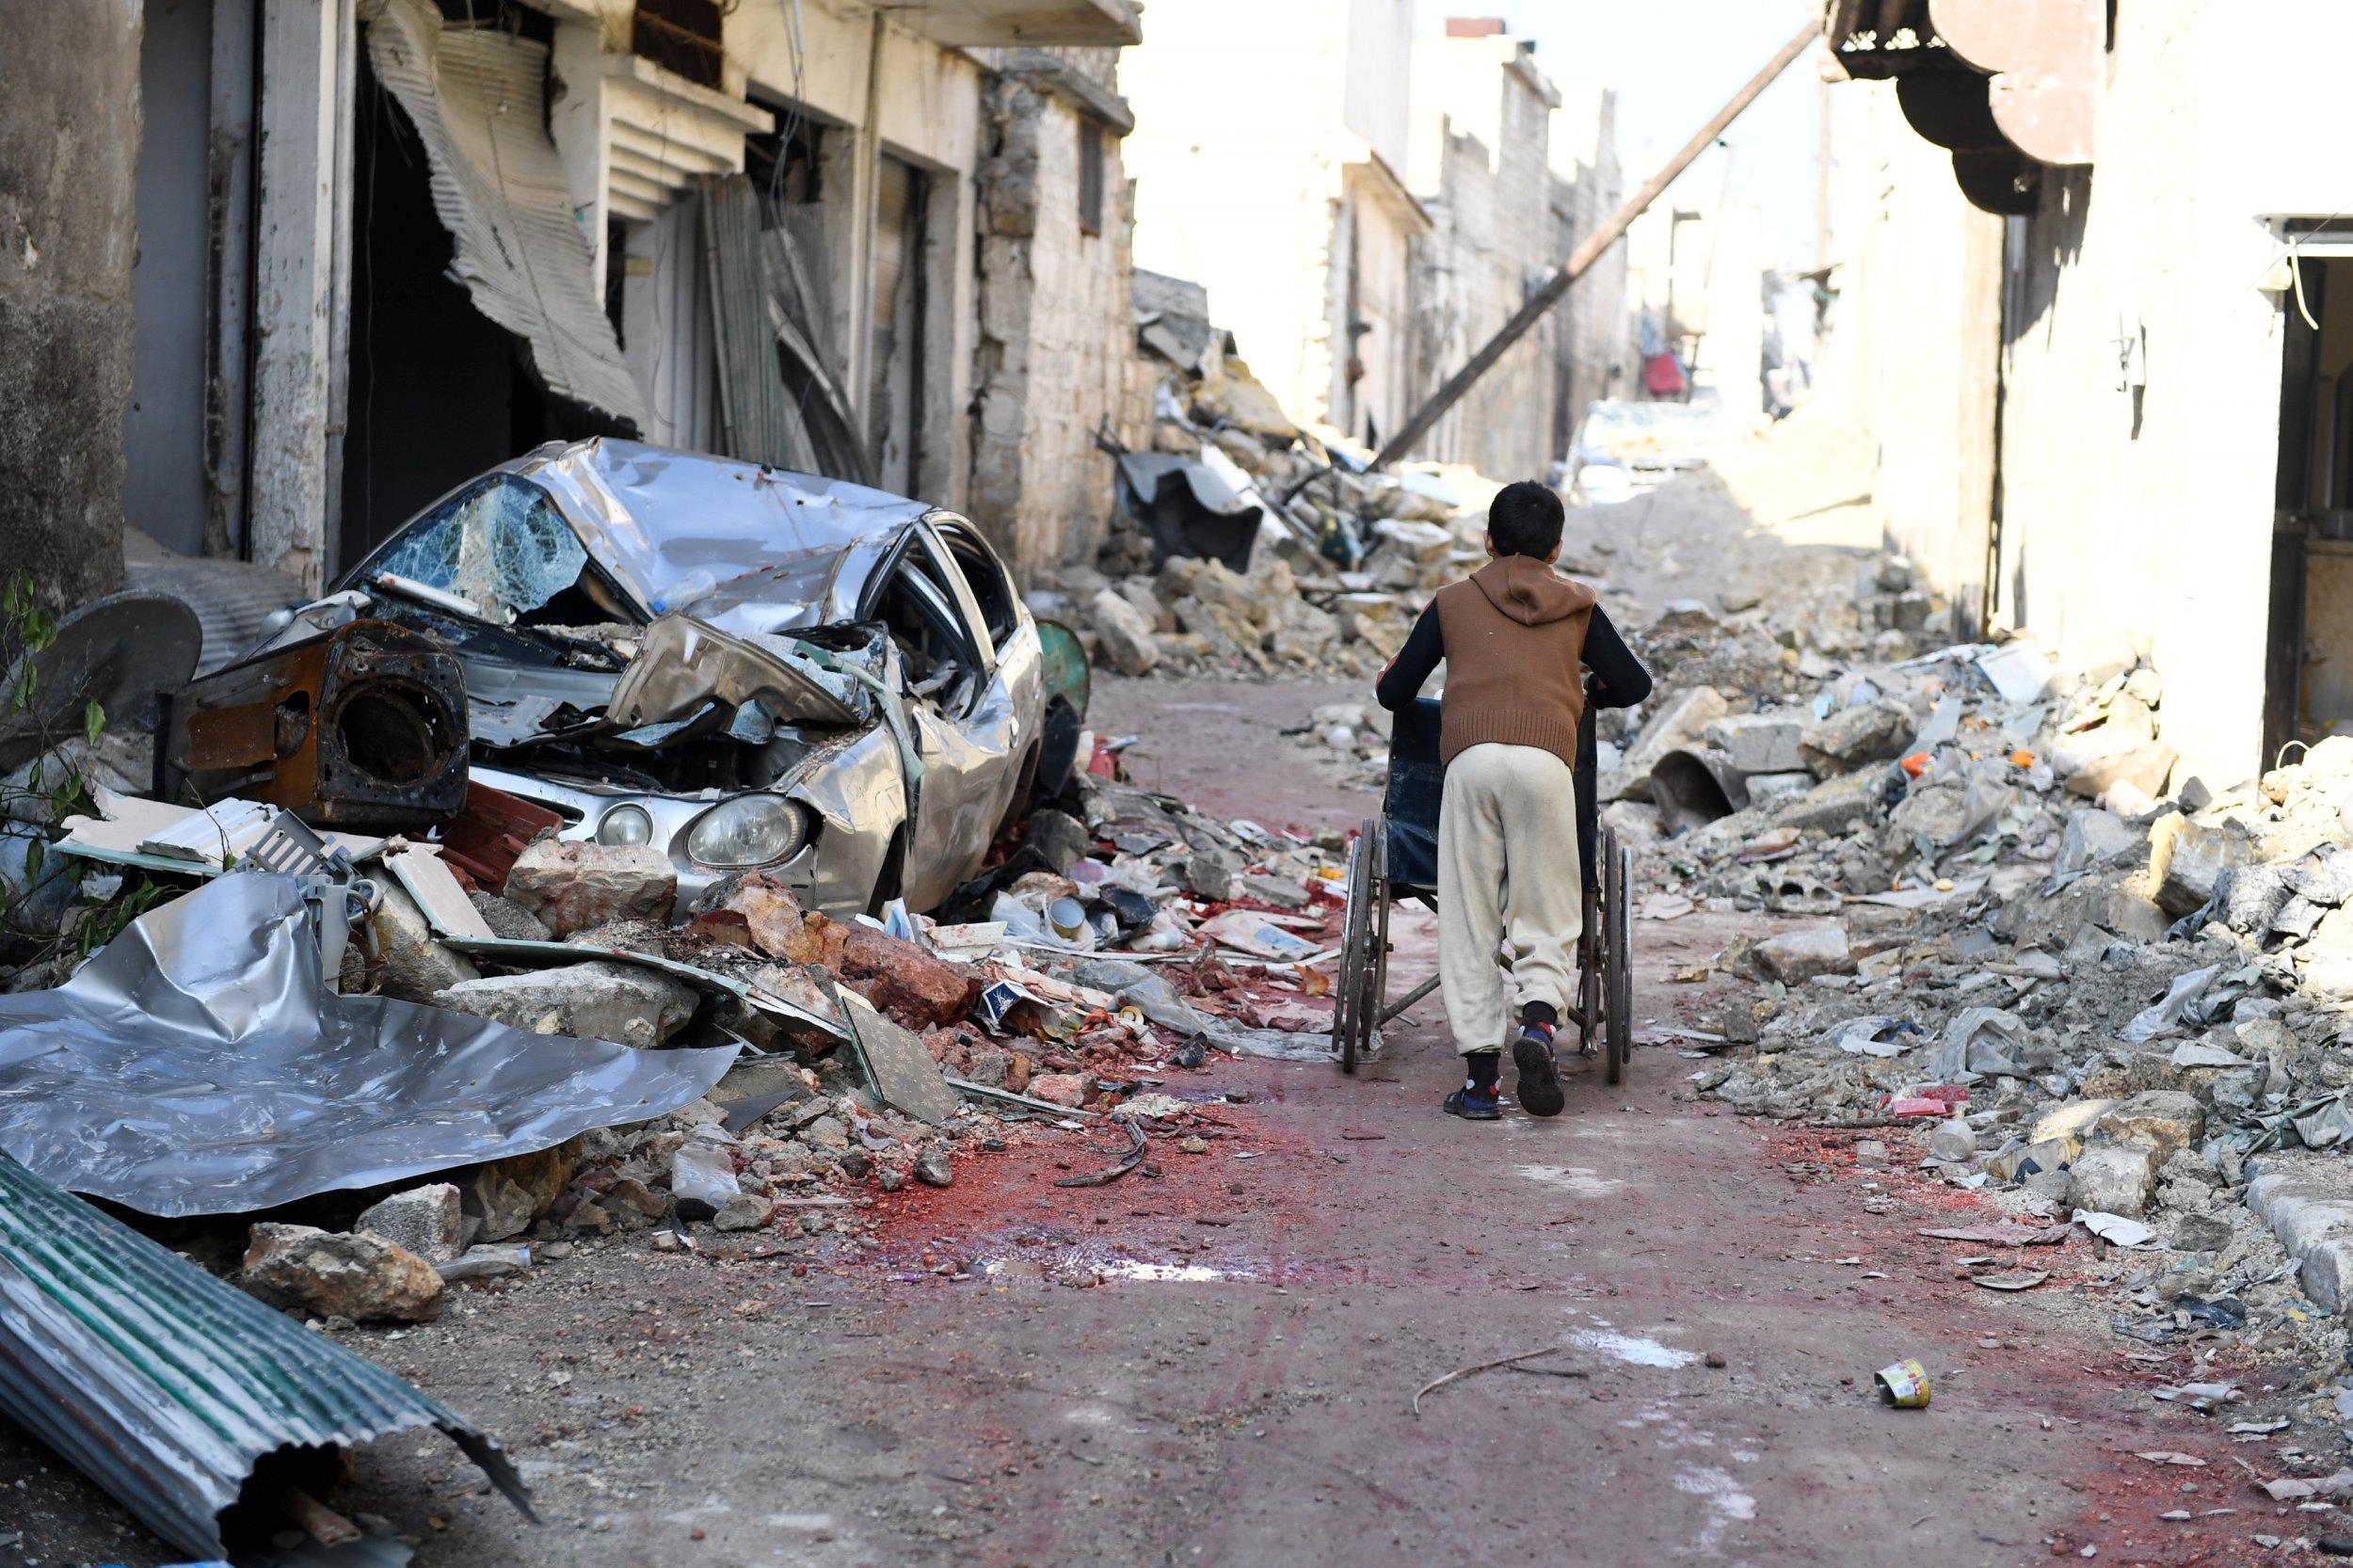 Aleppo boy pushing wheelchair